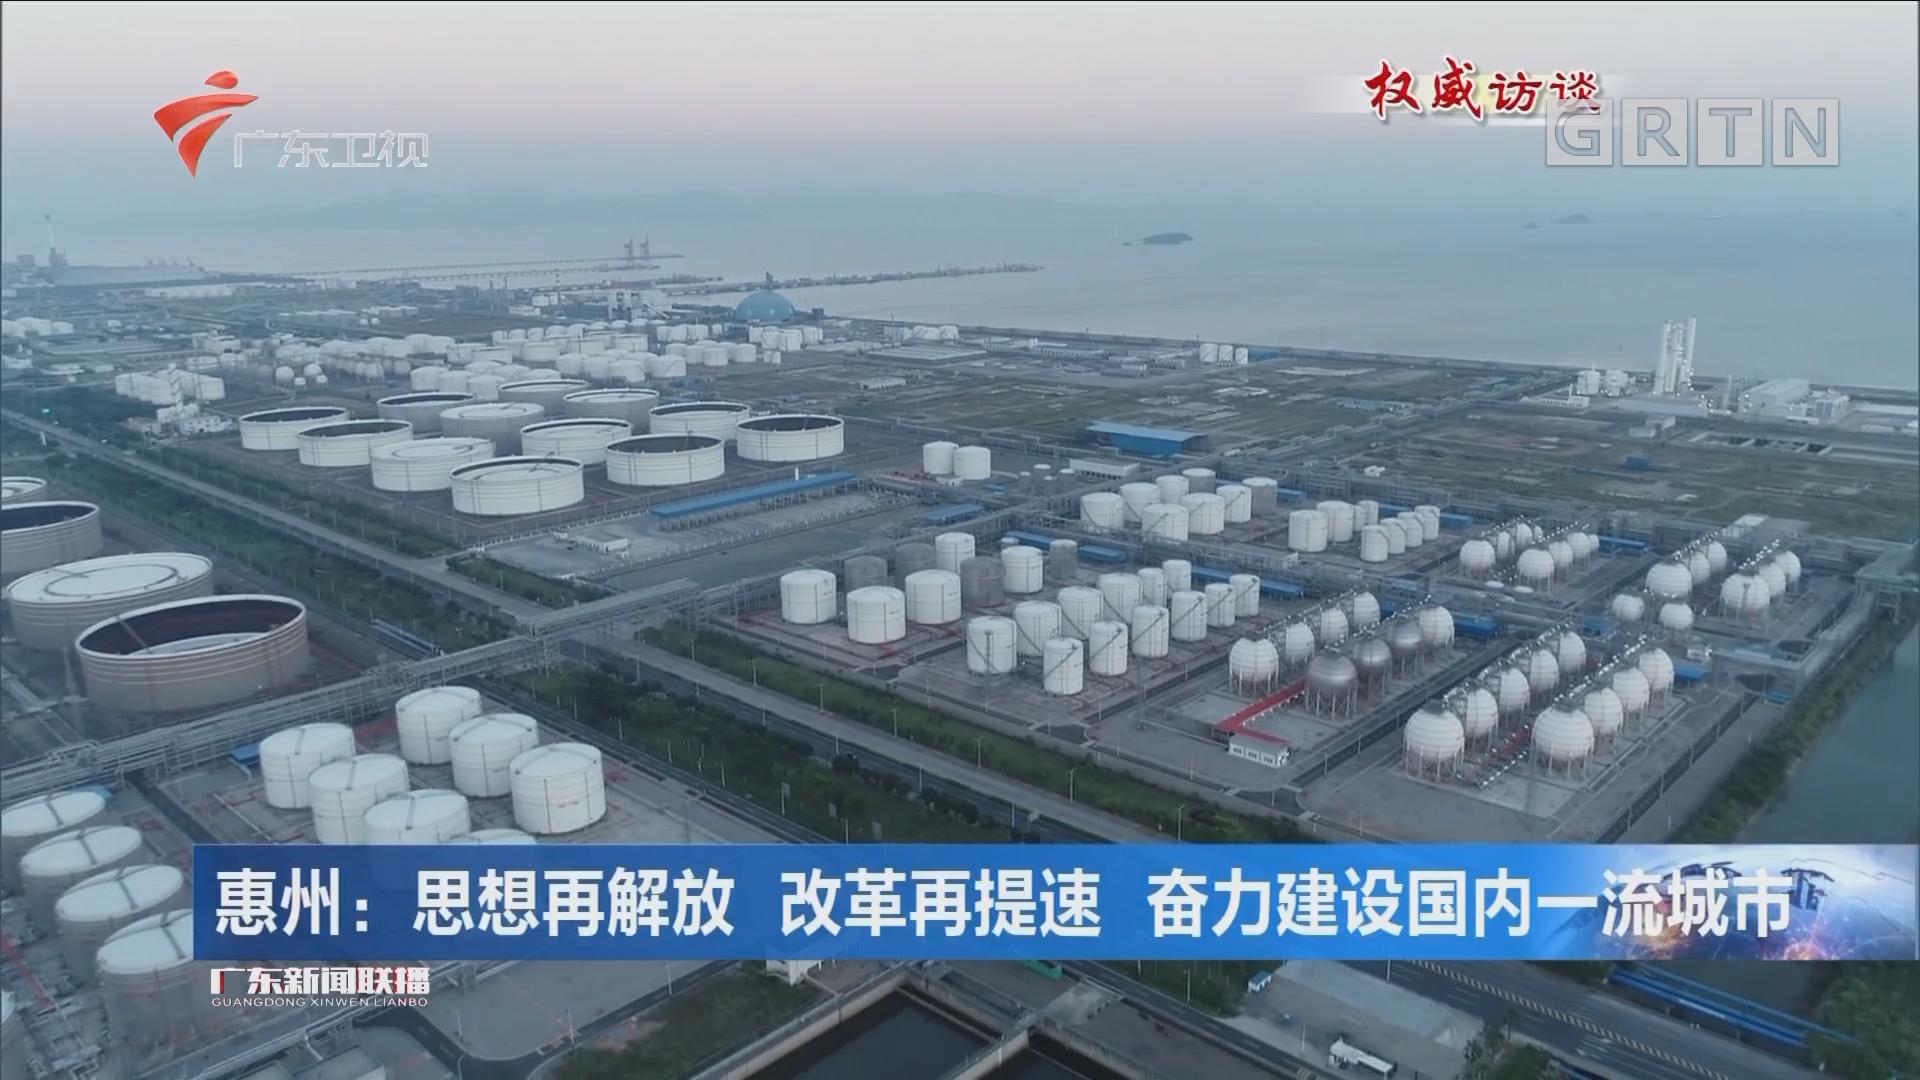 惠州:思想再解放 改革再提速 奋力建设国内一流城市